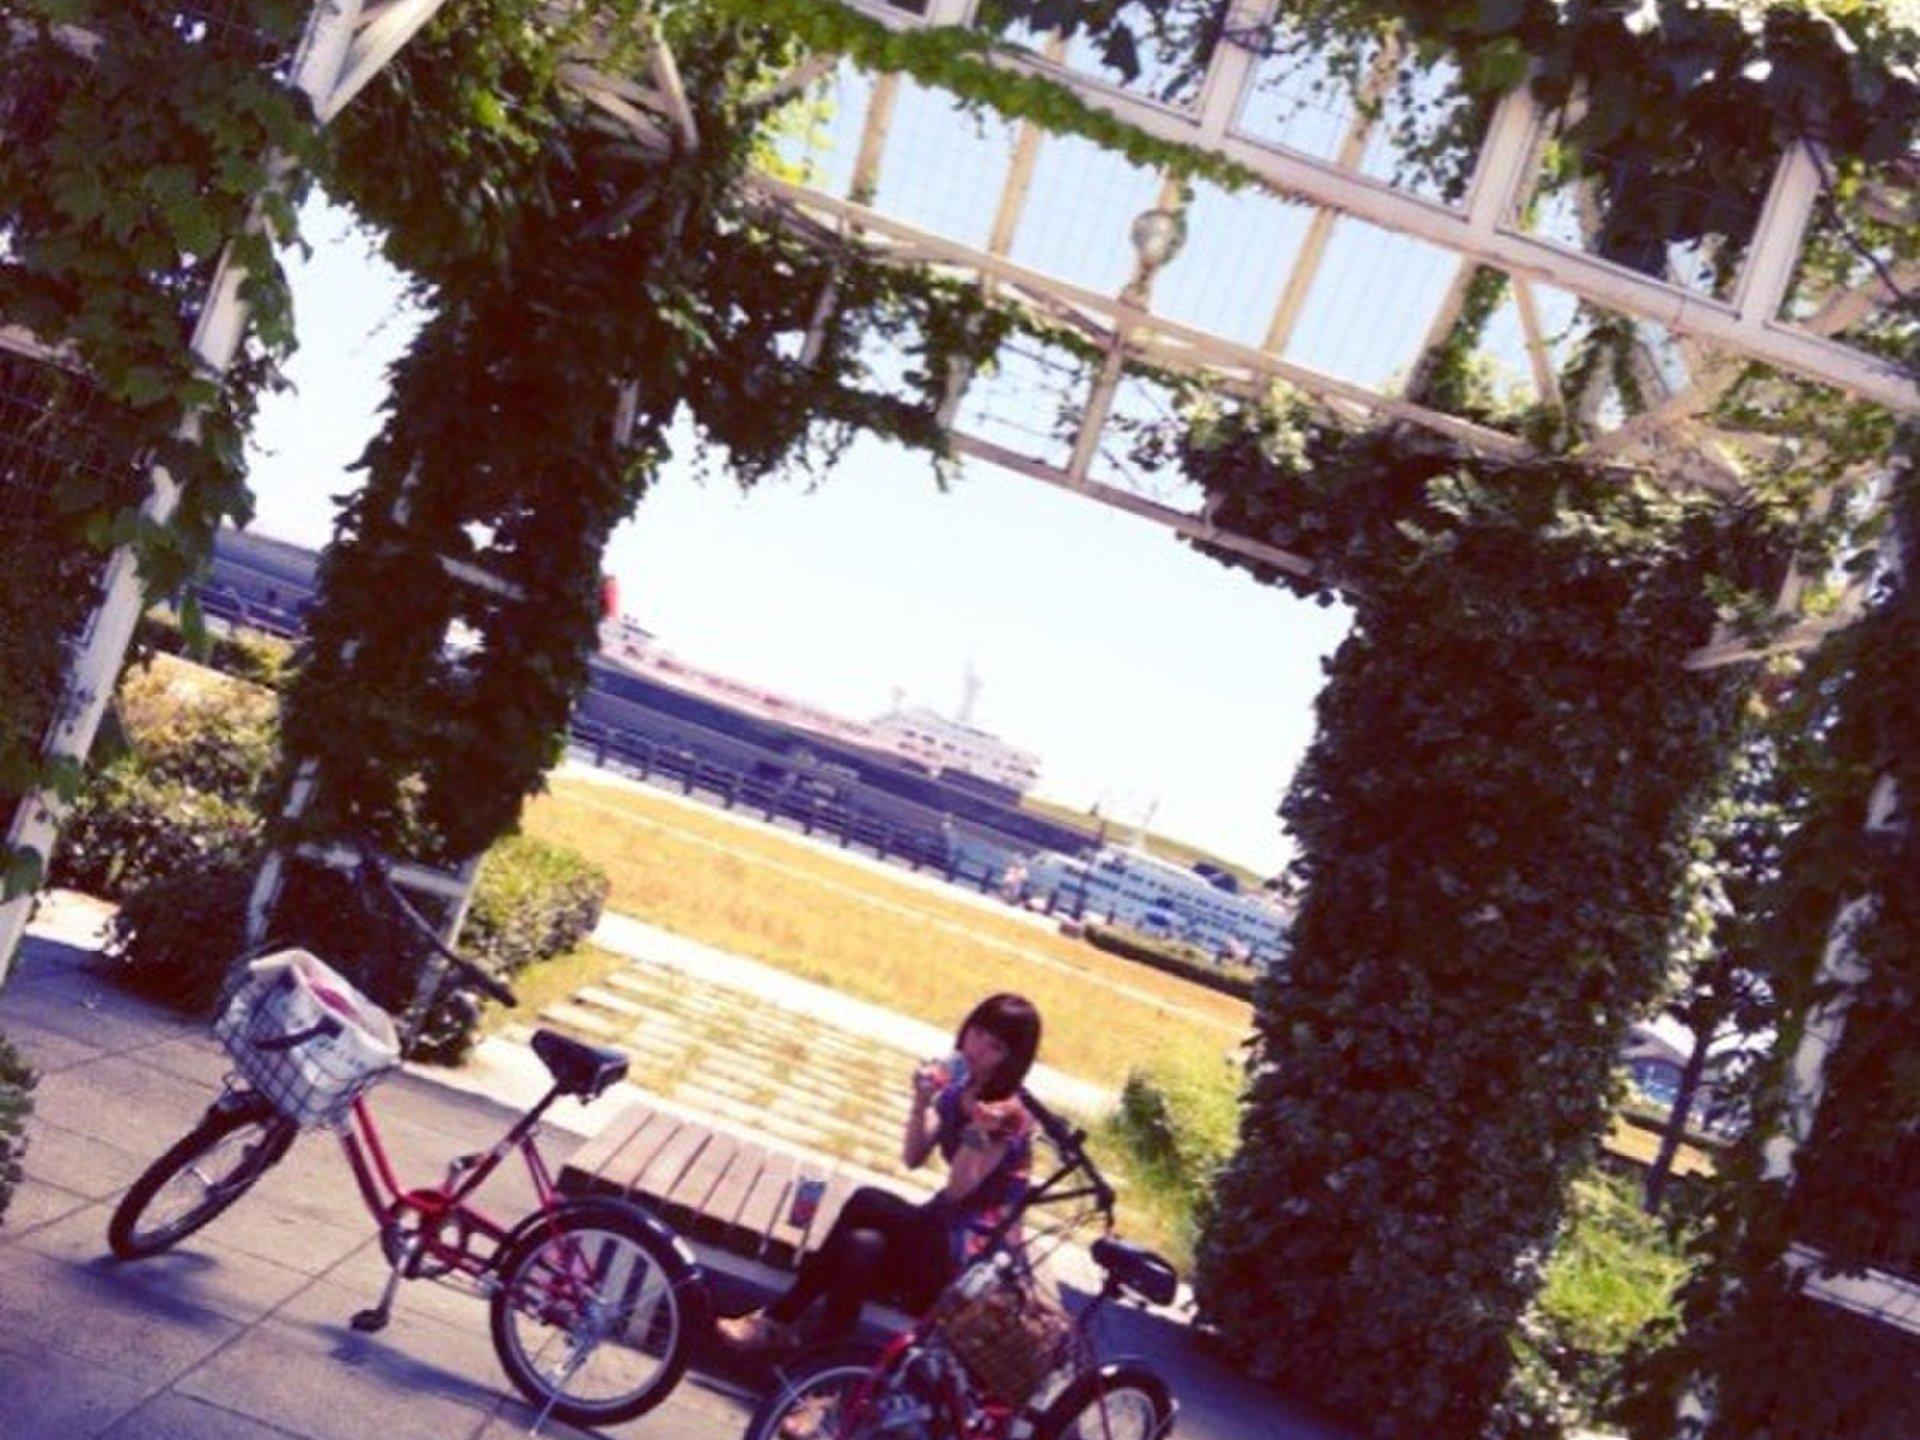 横浜、みなとみらいおすすめスポット!レンタルサイクリングデートでオシャレカフェ&夜景の見えるスパへ